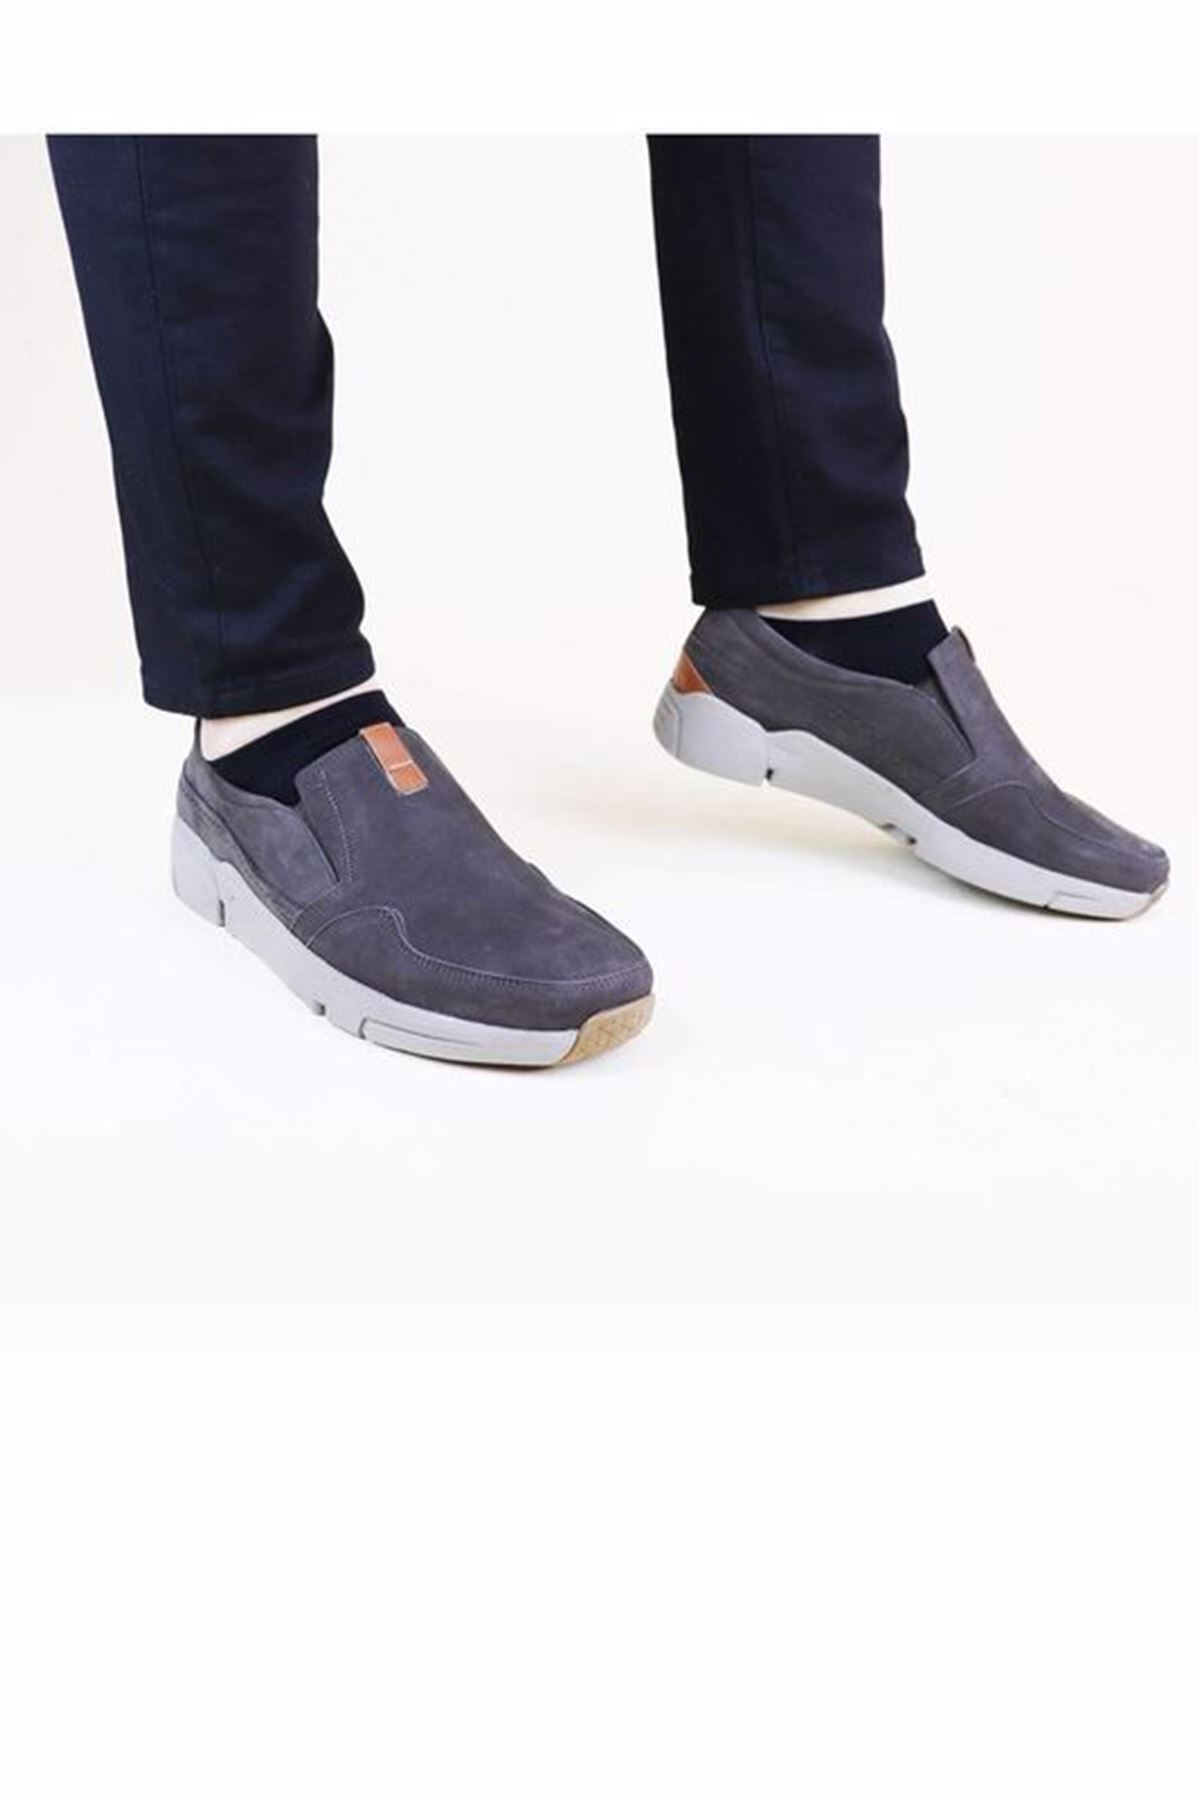 Free Foot 4103 Kahverengi Hakiki Deri Erkek Ayakkabısı